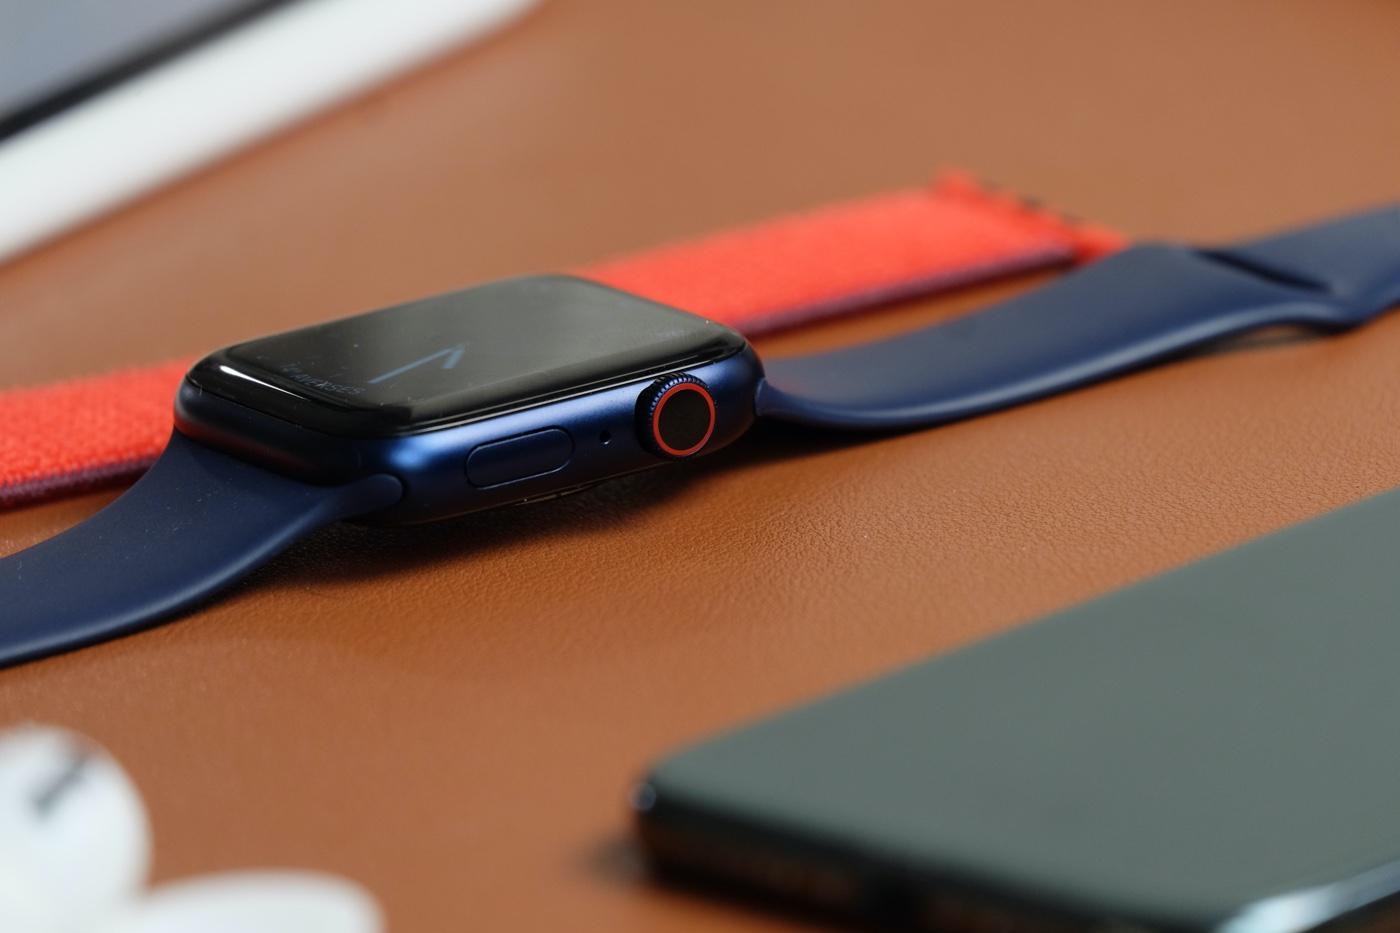 test apple watch series 6 digital crown